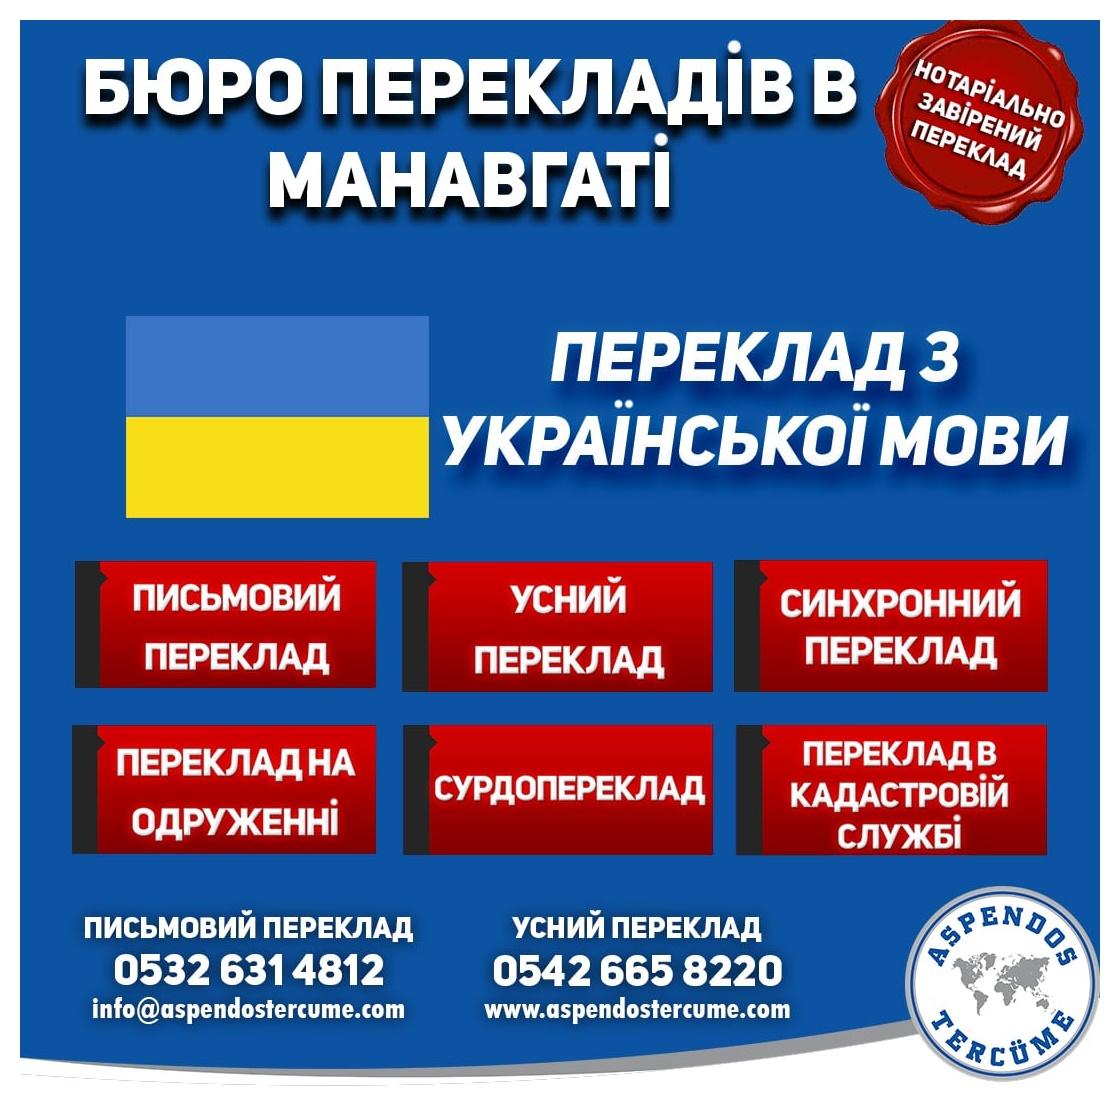 манавгат_бюро_перекладів_український_переклад